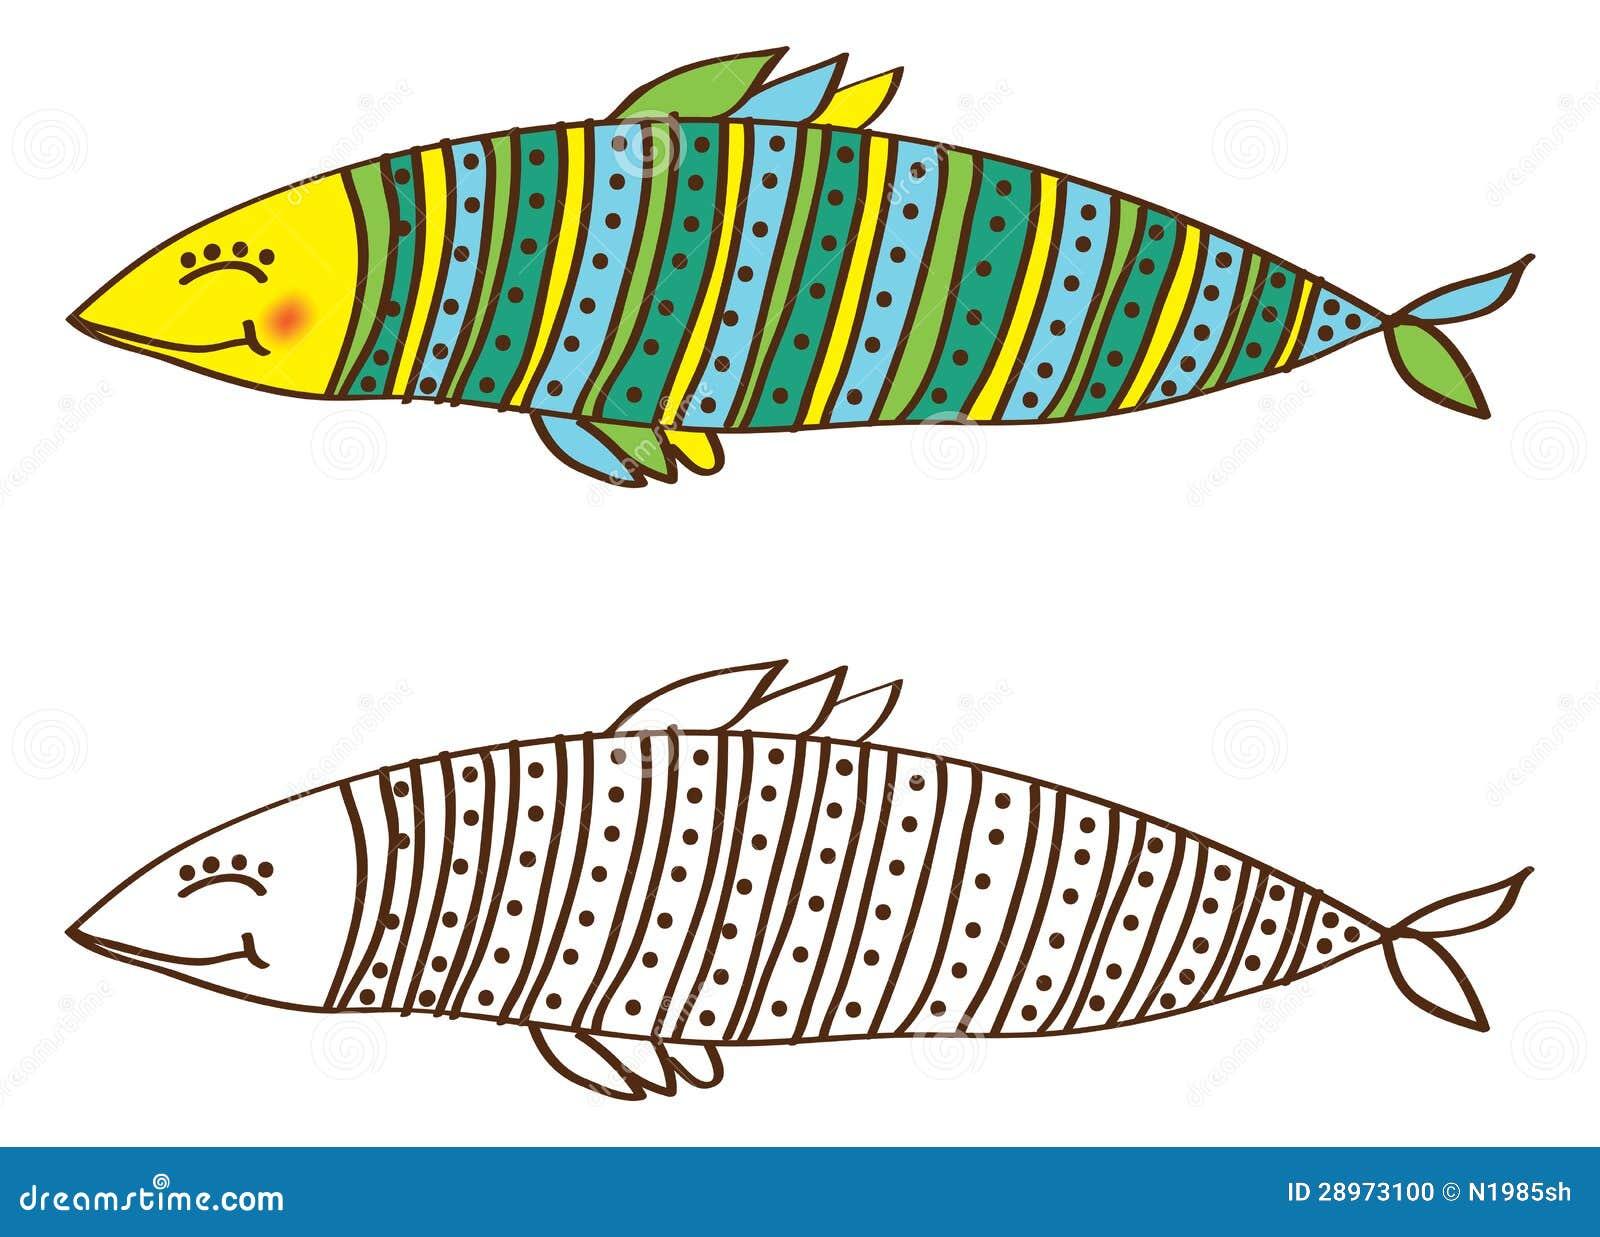 在颜色和分级显示的逗人喜爱的鱼